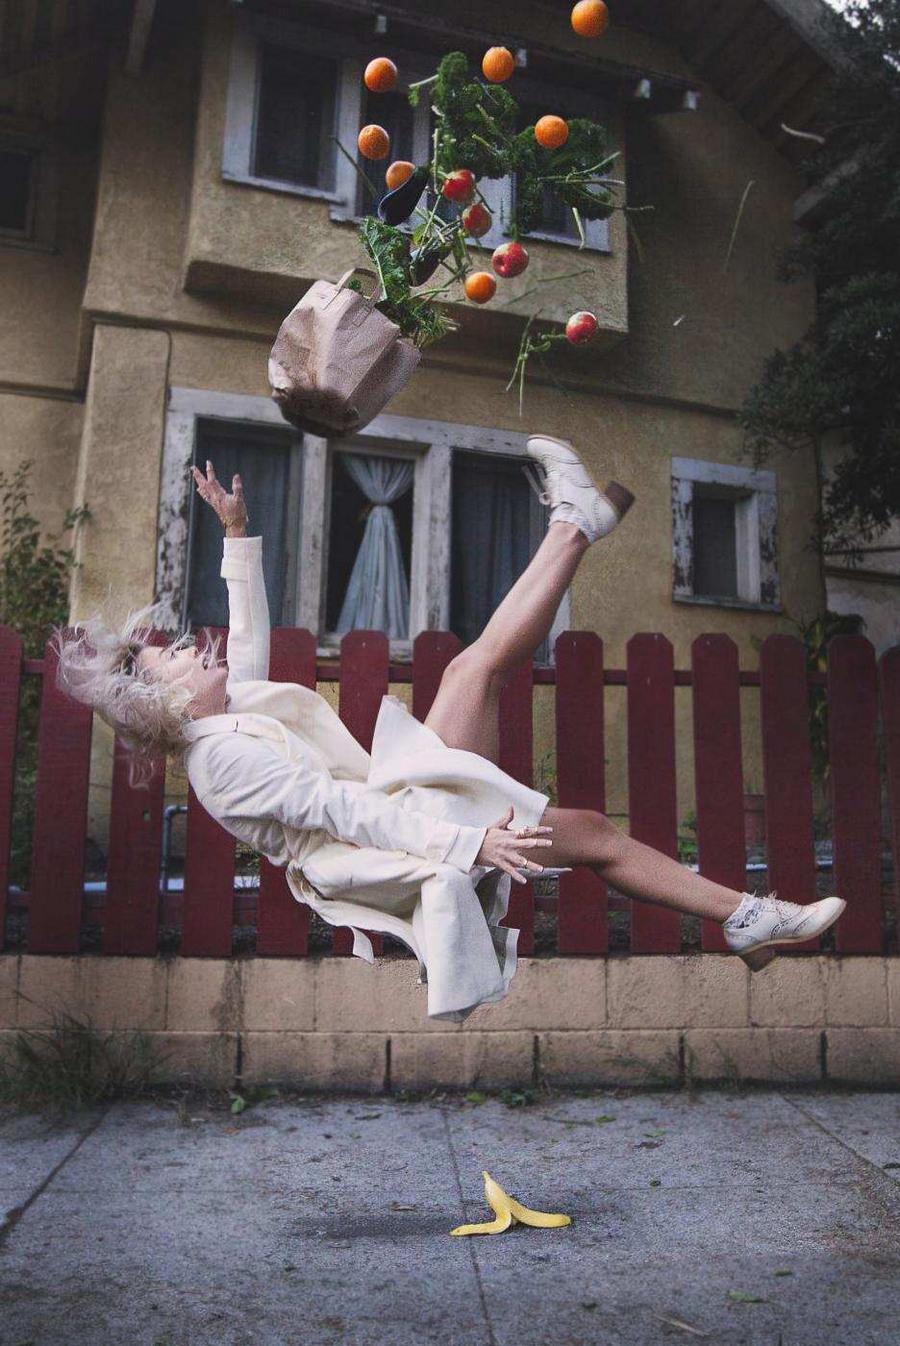 Подборка интересных и веселых картинок 19.10.17